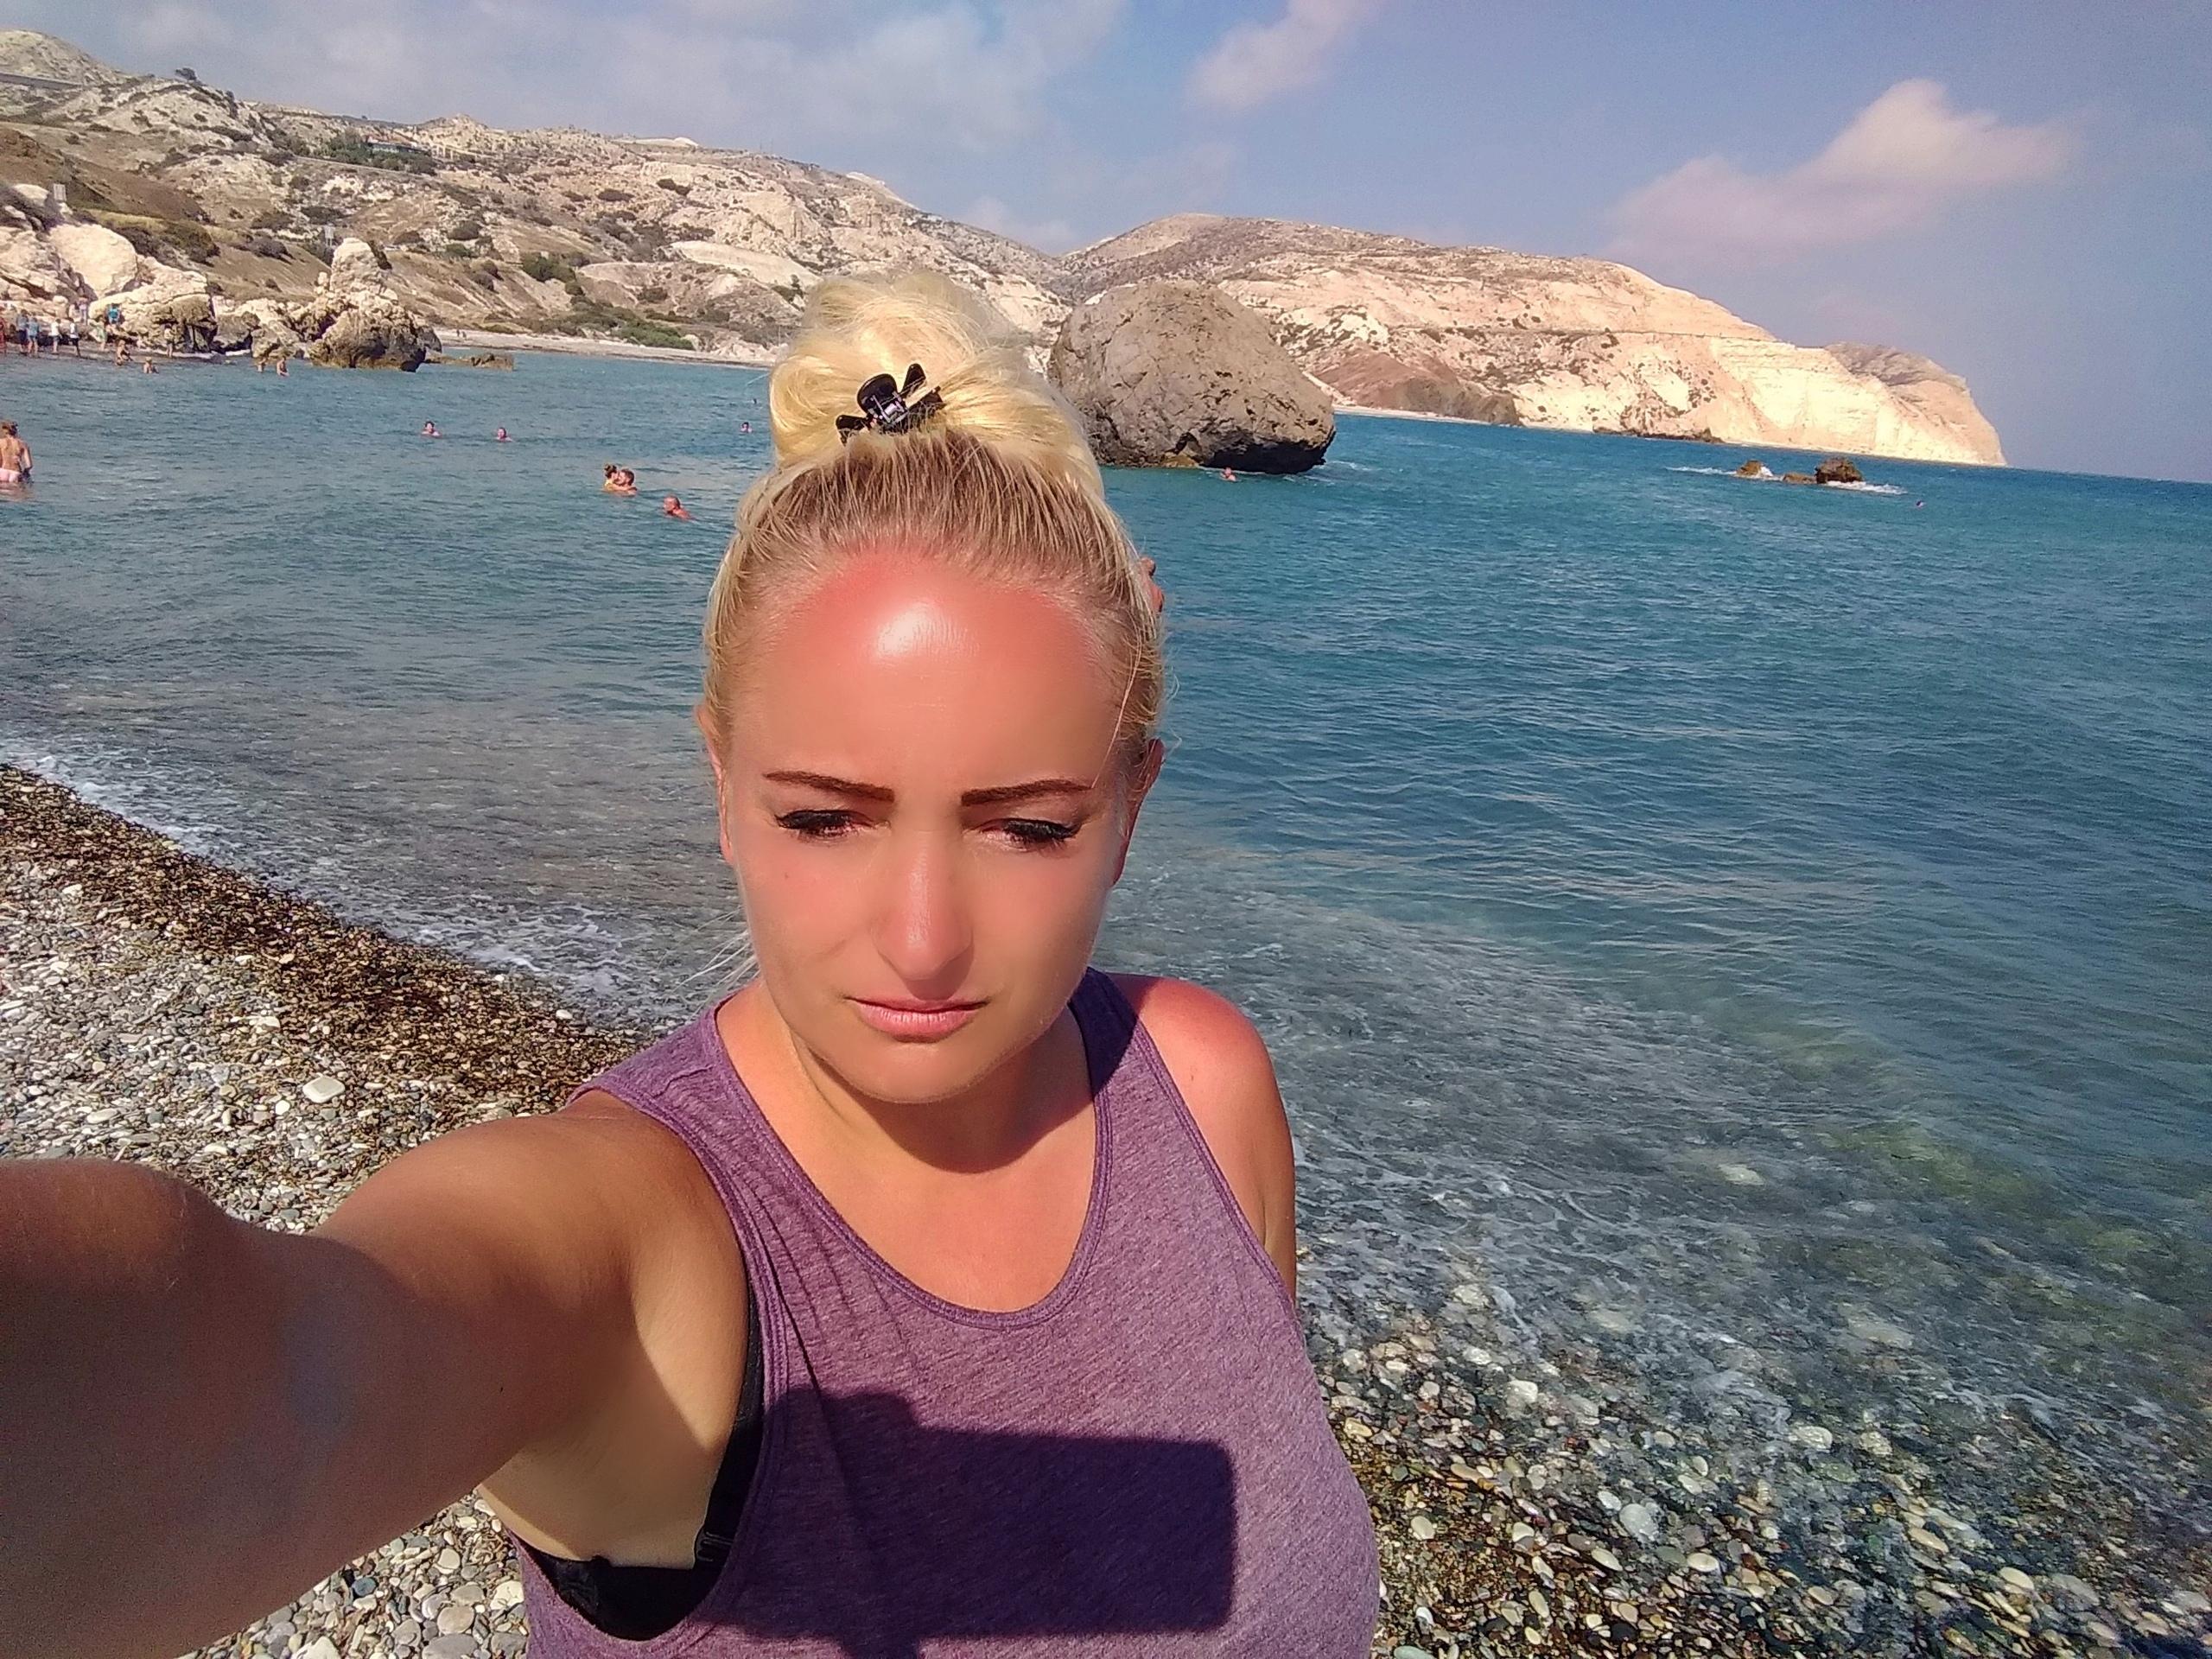 перелет - Елена Руденко. Мои путешествия (фото/видео) - Страница 4 IkRzbYA4xdQ